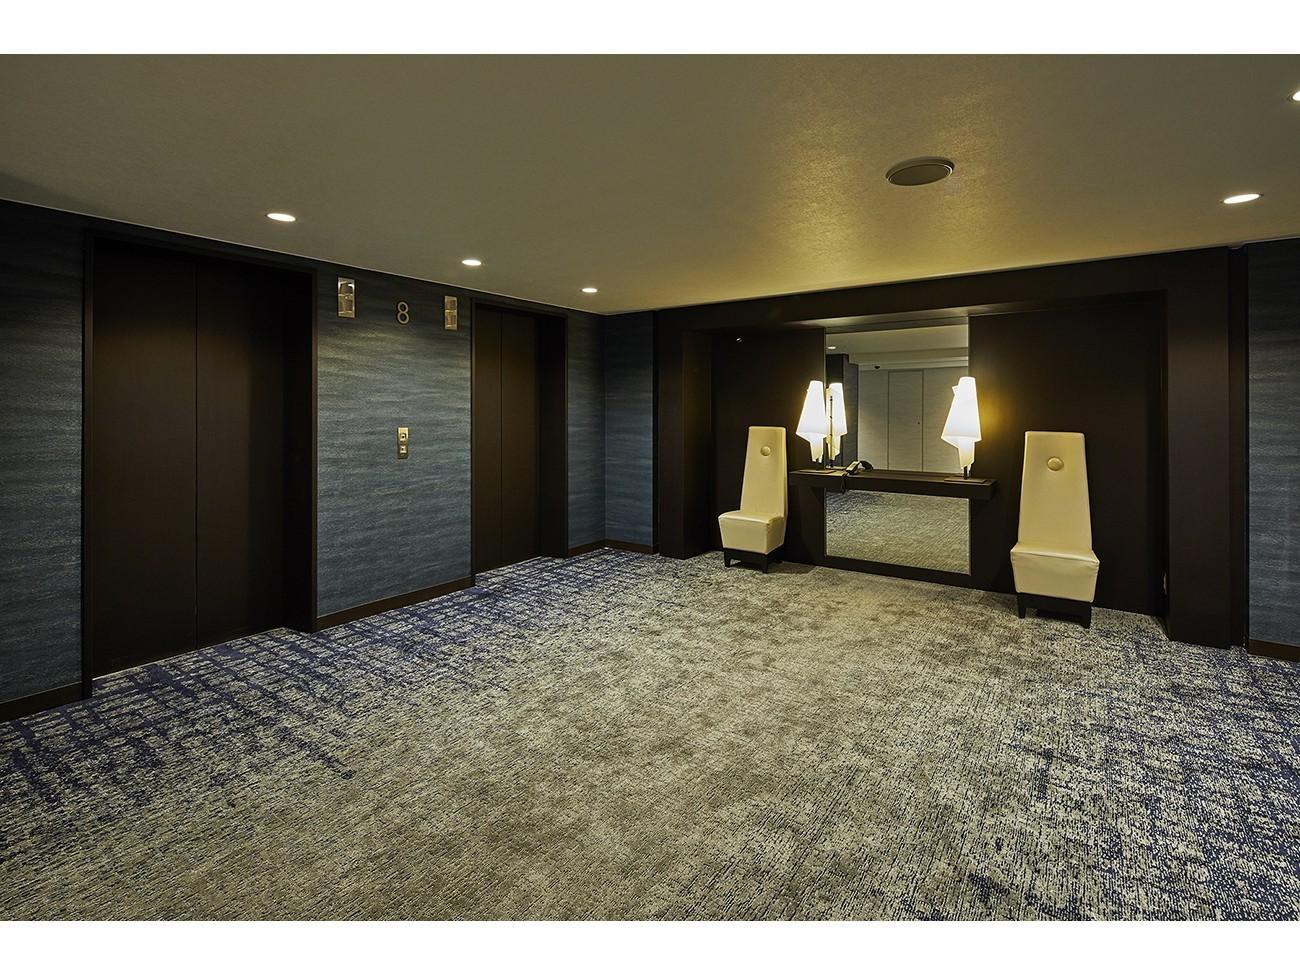 【エレベーターホール】落ち着いた色調と余裕の空間が特徴です